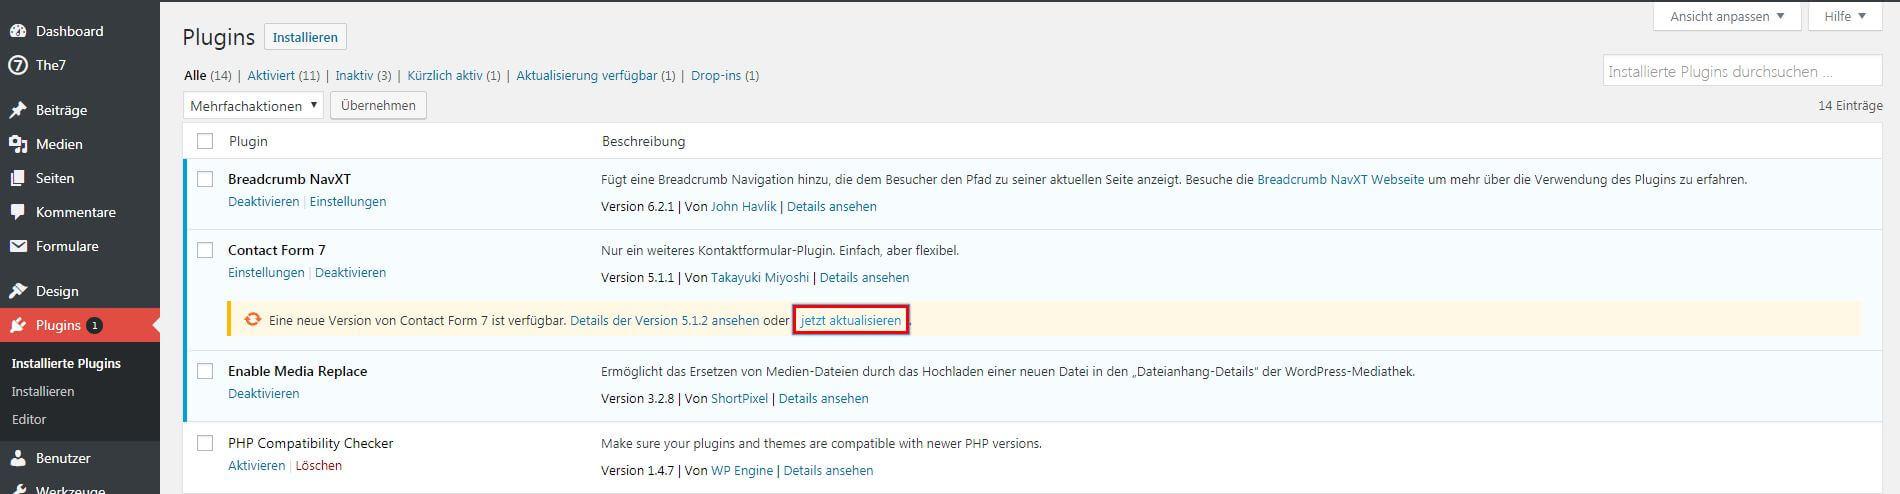 screenshots der installierten plugins im backend